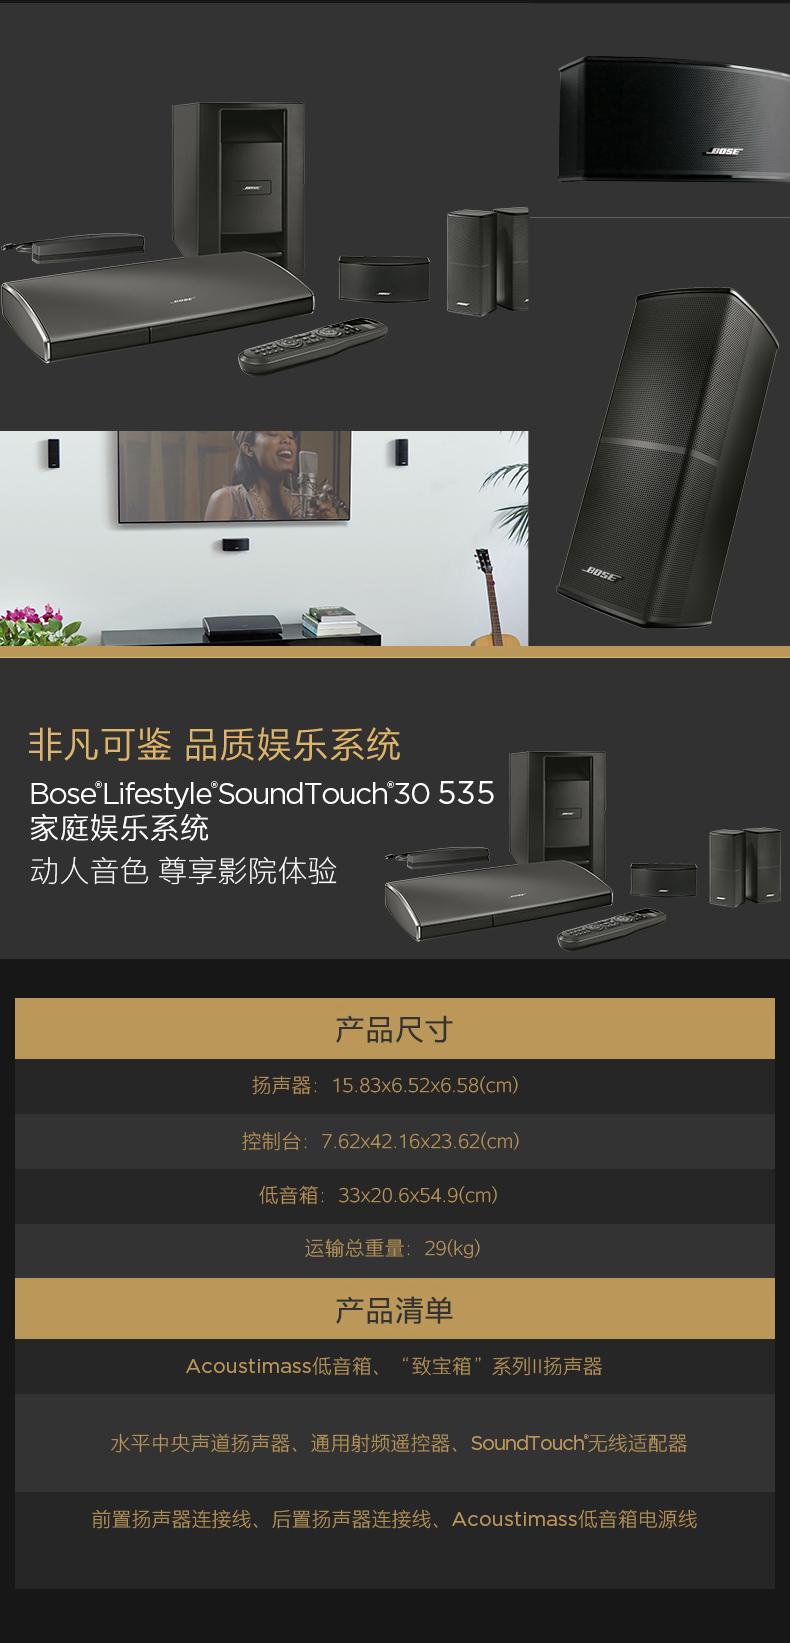 BOSE_Lifestyle_Soundtouch_535_娱乐系统家庭影院套装